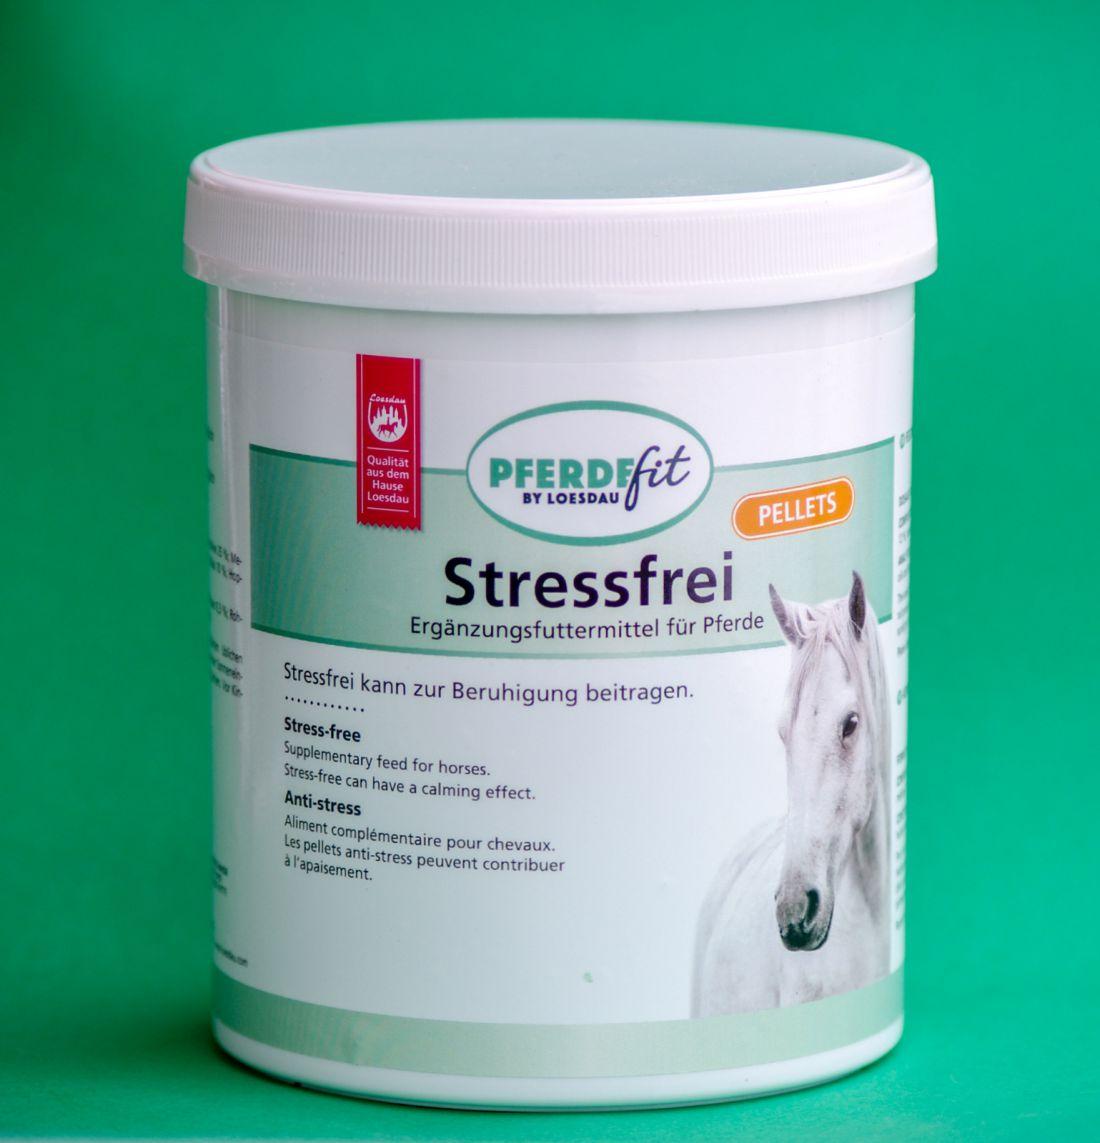 Stresszcsökkentő-pellet, loesdau PFERDEfit